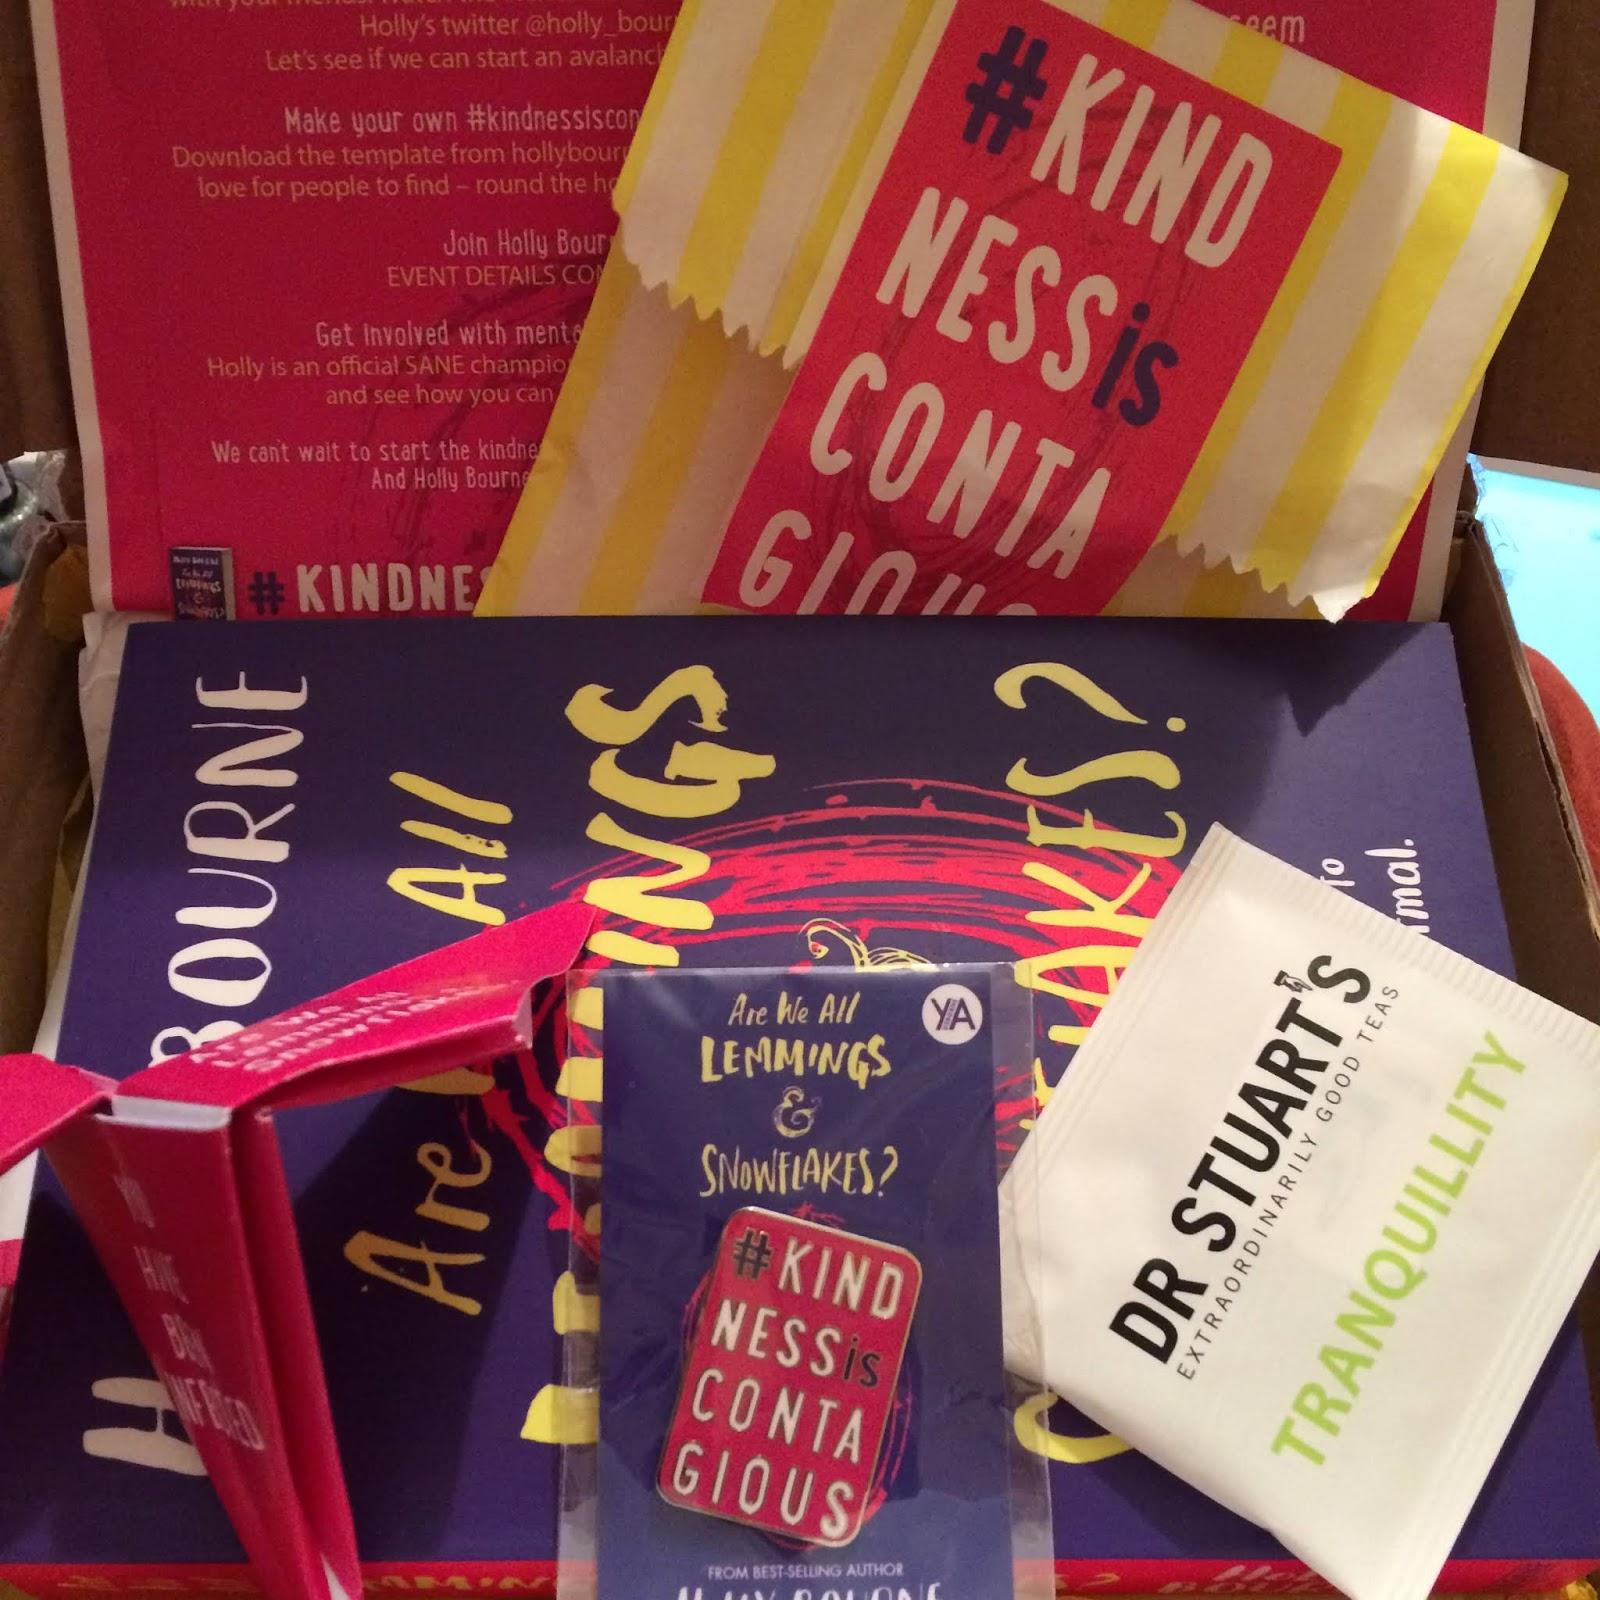 Kindness Ambassador Package